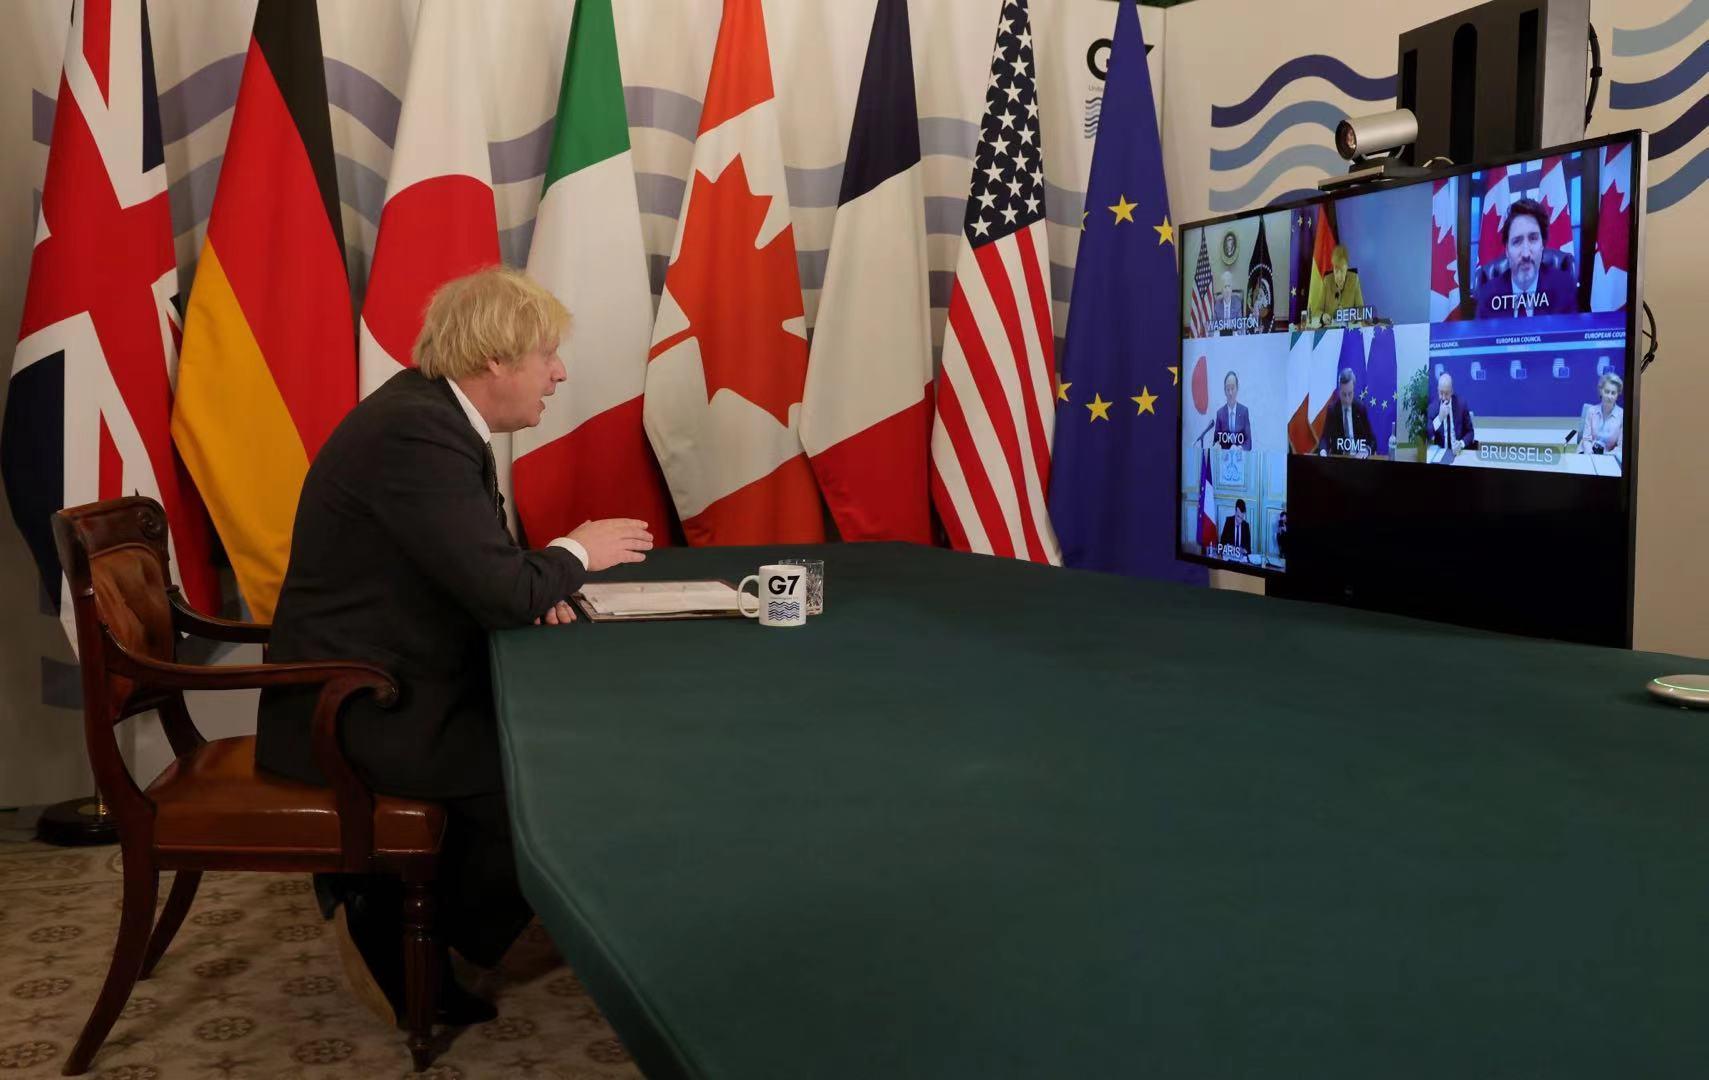 七国集团领导人视频会议召开,英国首相约翰逊主持